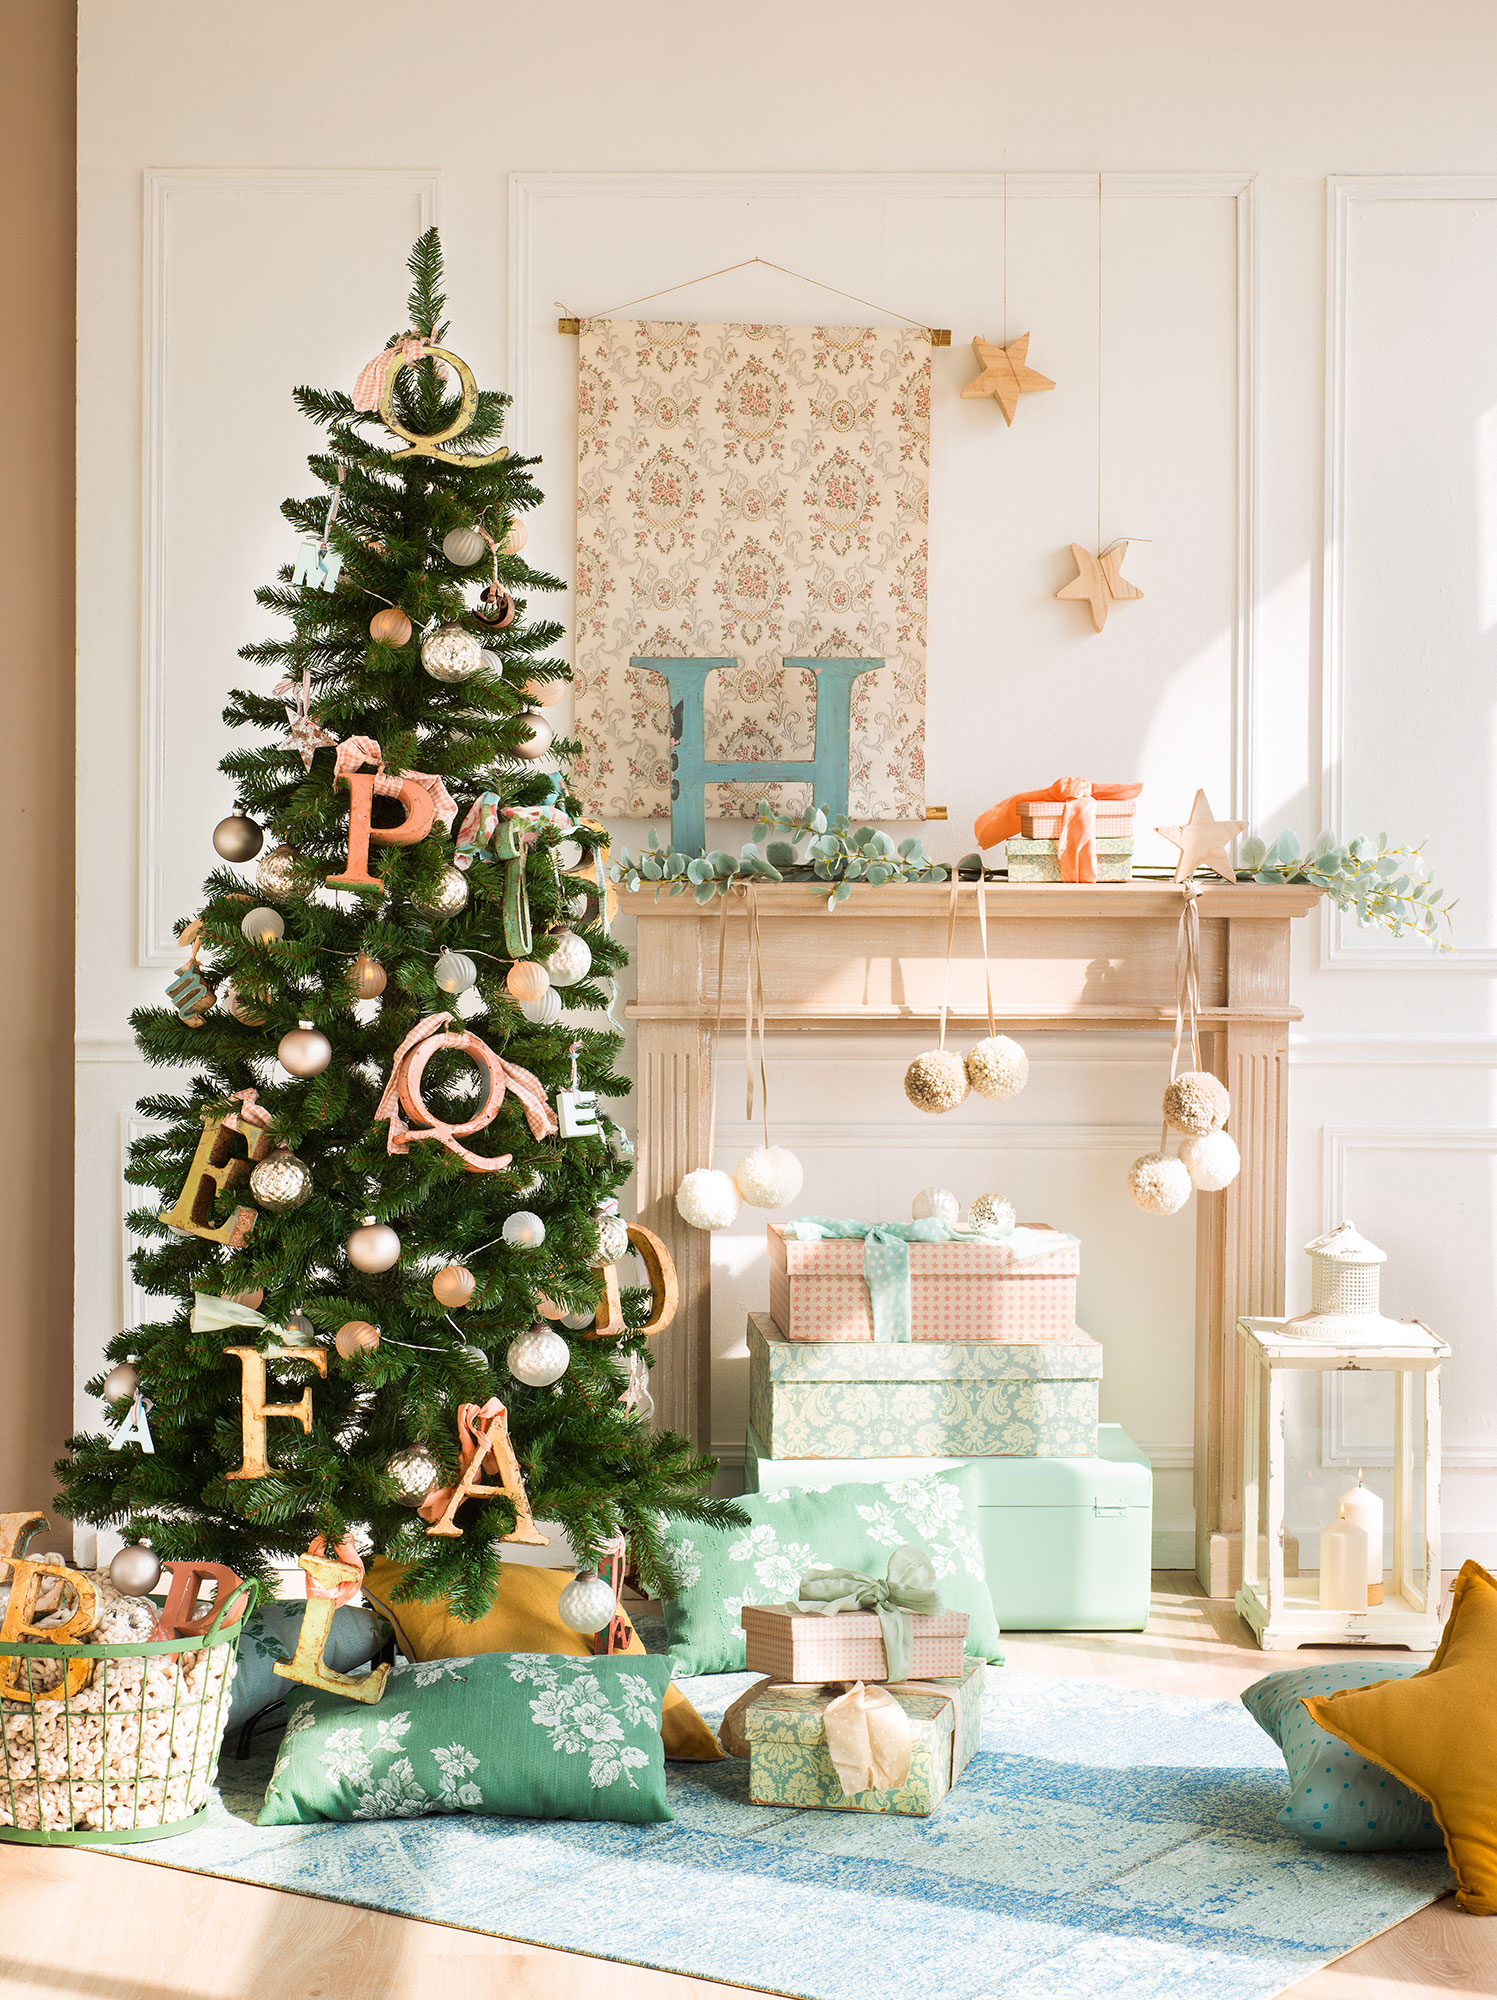 Ideas para decorar el rbol de navidad 3 rboles 3 estilos - Imagenes de arboles de navidad decorados ...